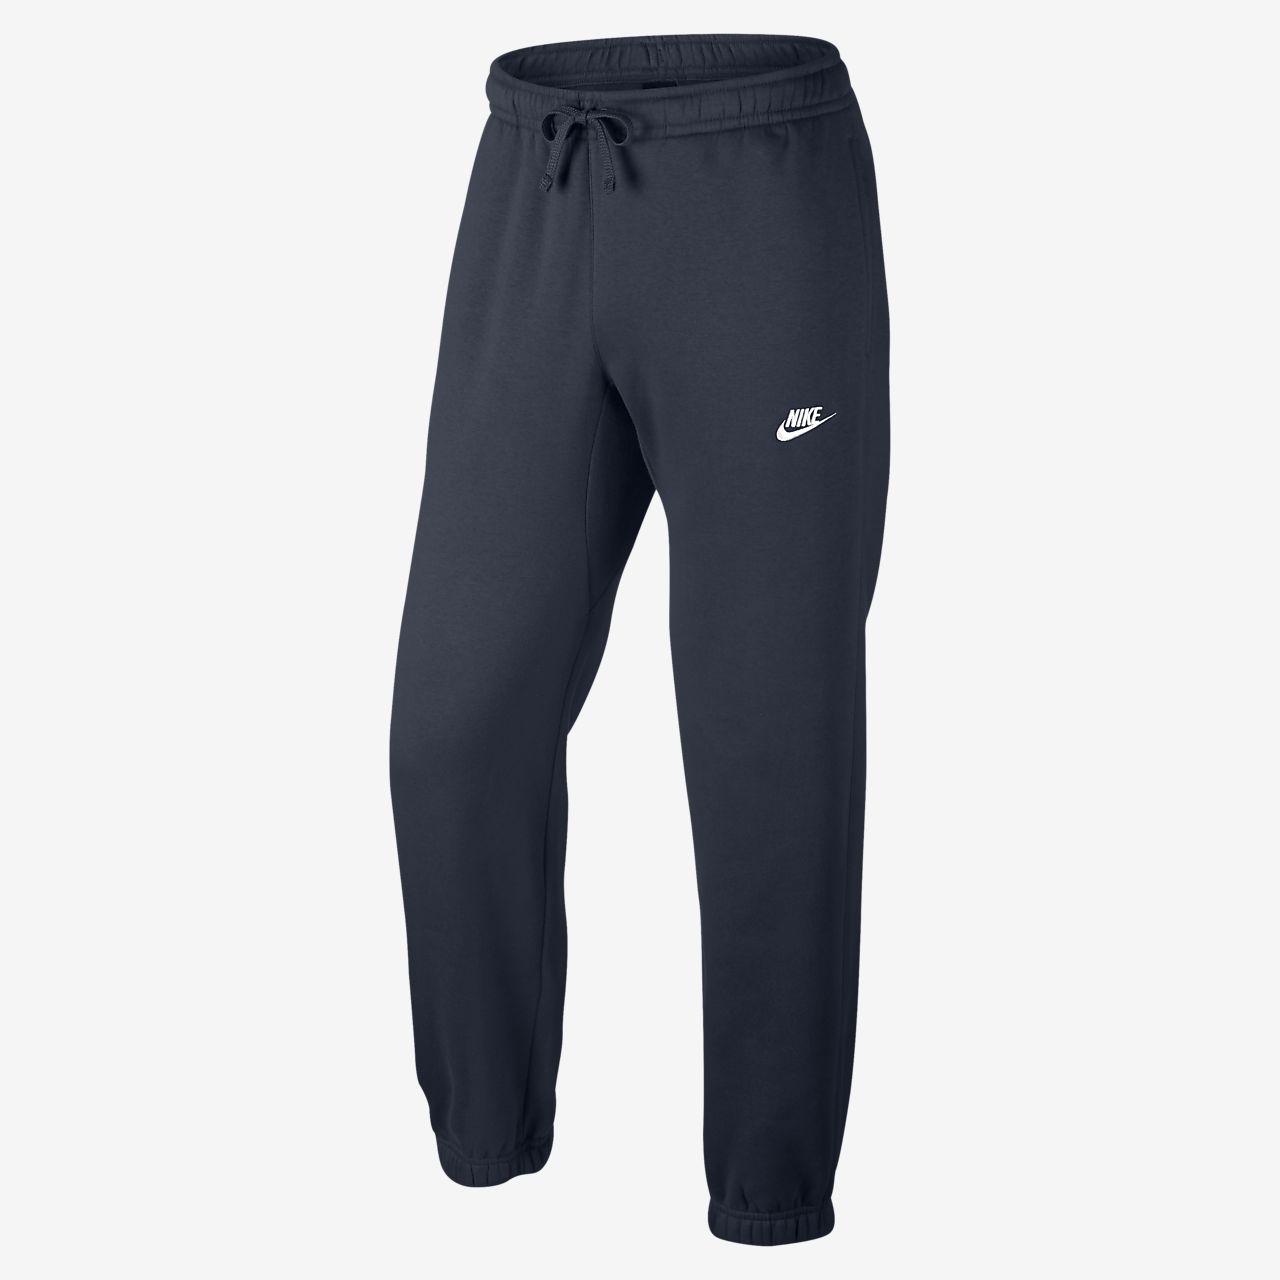 366fb55f51d73c ... Standardpassform Nike Sportswear Herren-Fleece-Hose in Standardpassform